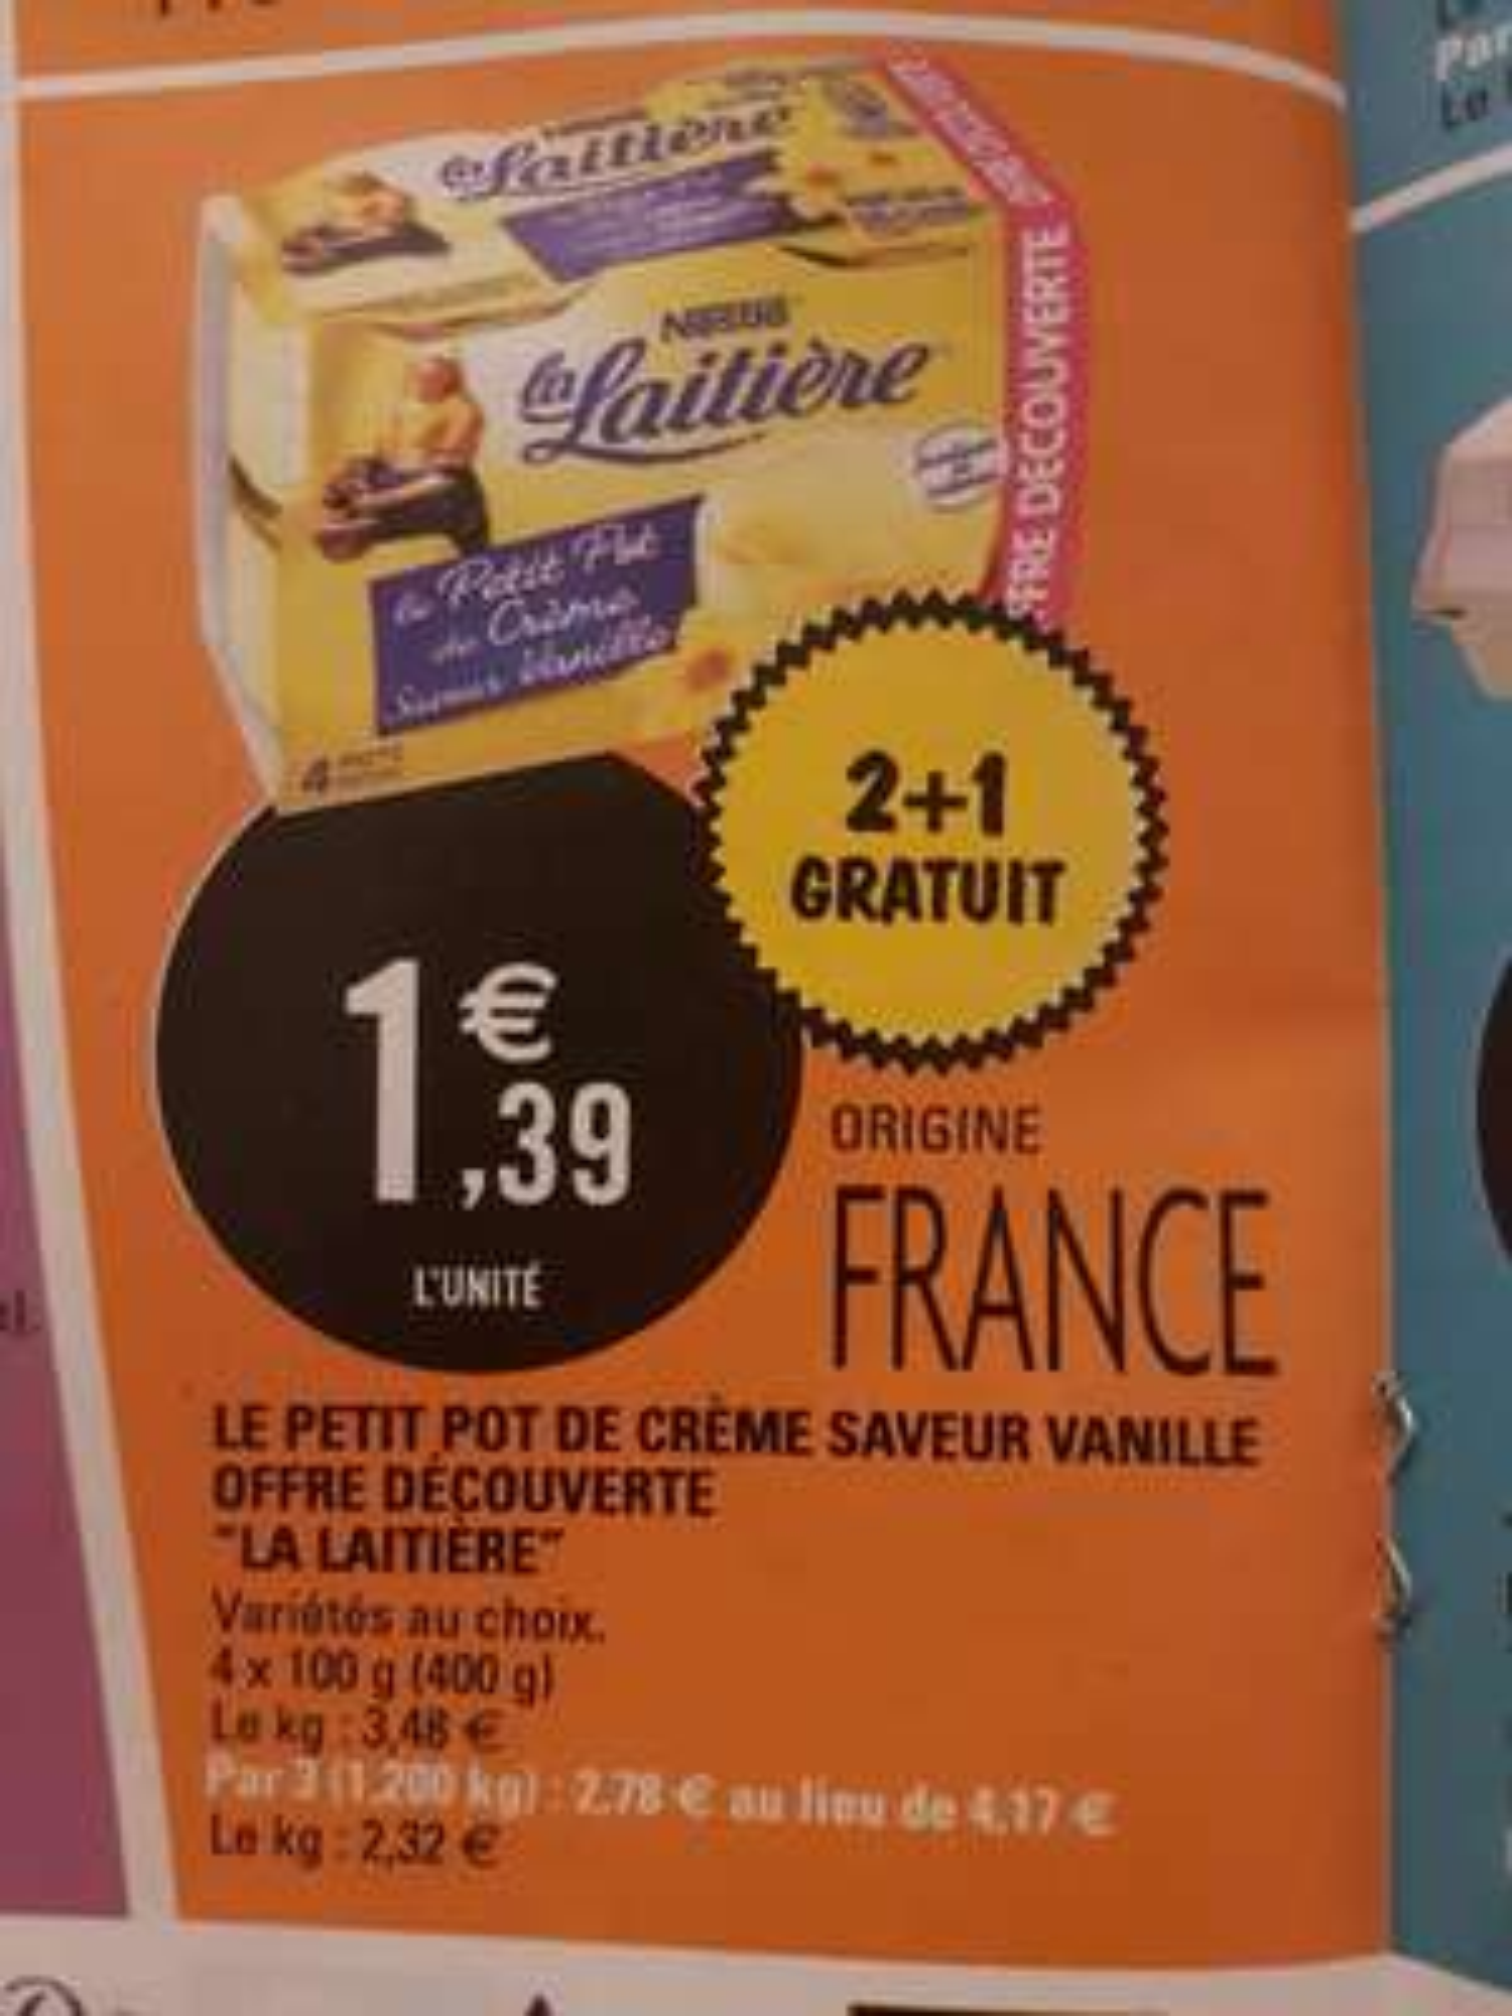 Lot de 3 paquets de 4 yaourts Nestlé La Laitière Le Petit Pot de Crème - différents goûts